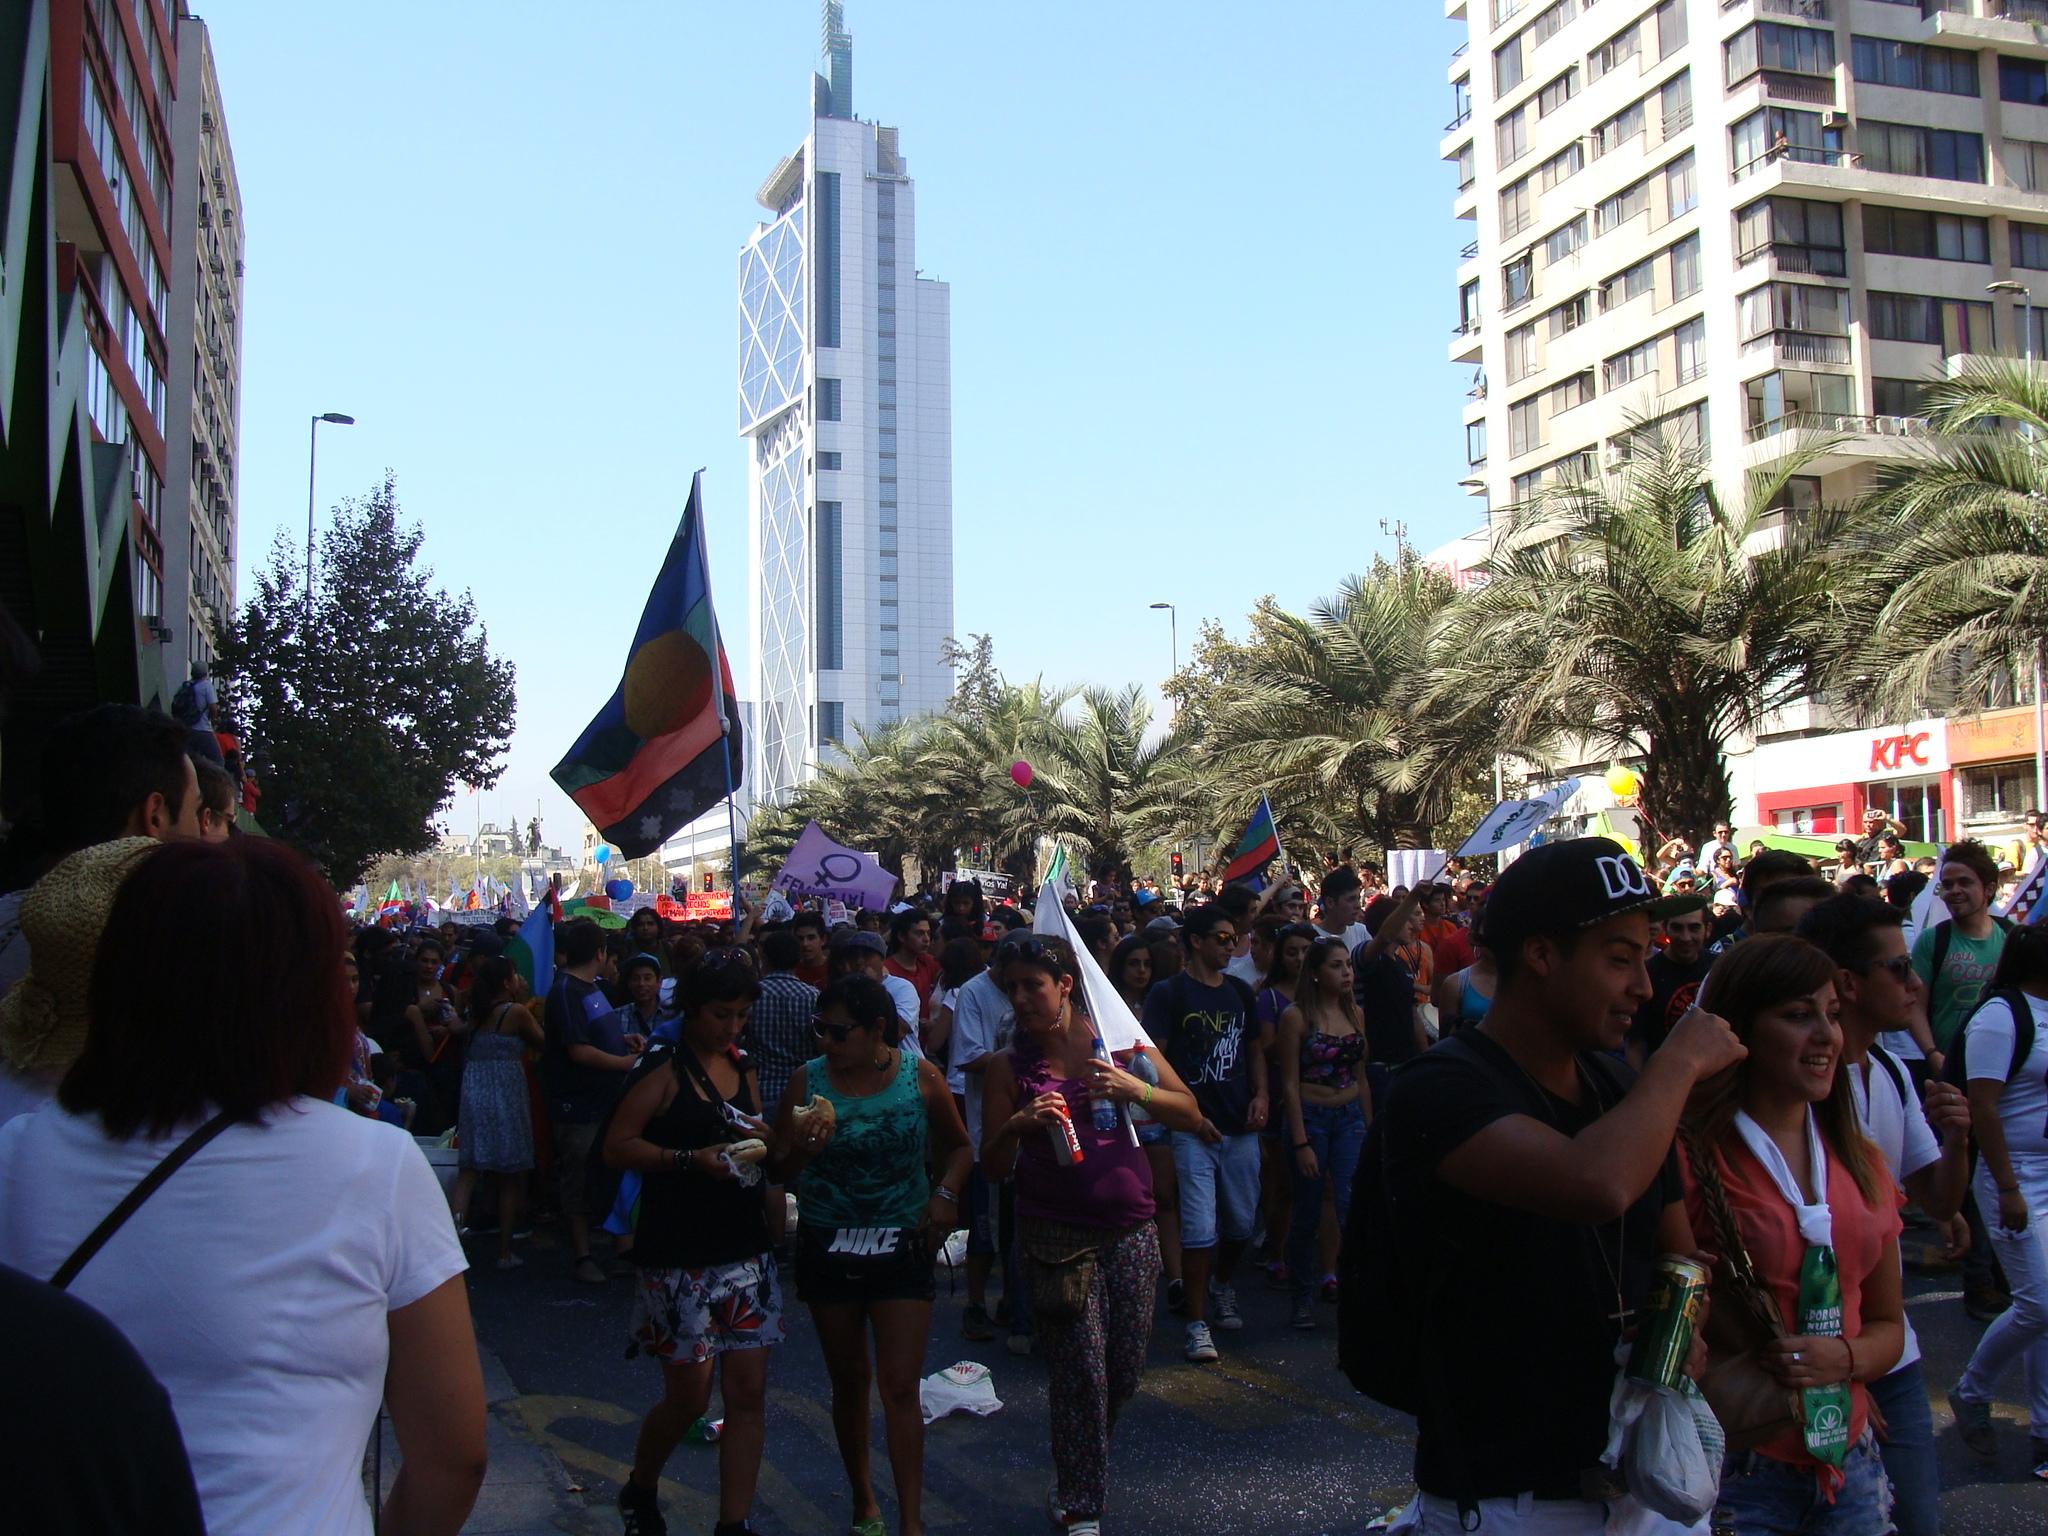 Marcha de todas las marchas, Santiago de Chile. Imagen de @SorayaSM